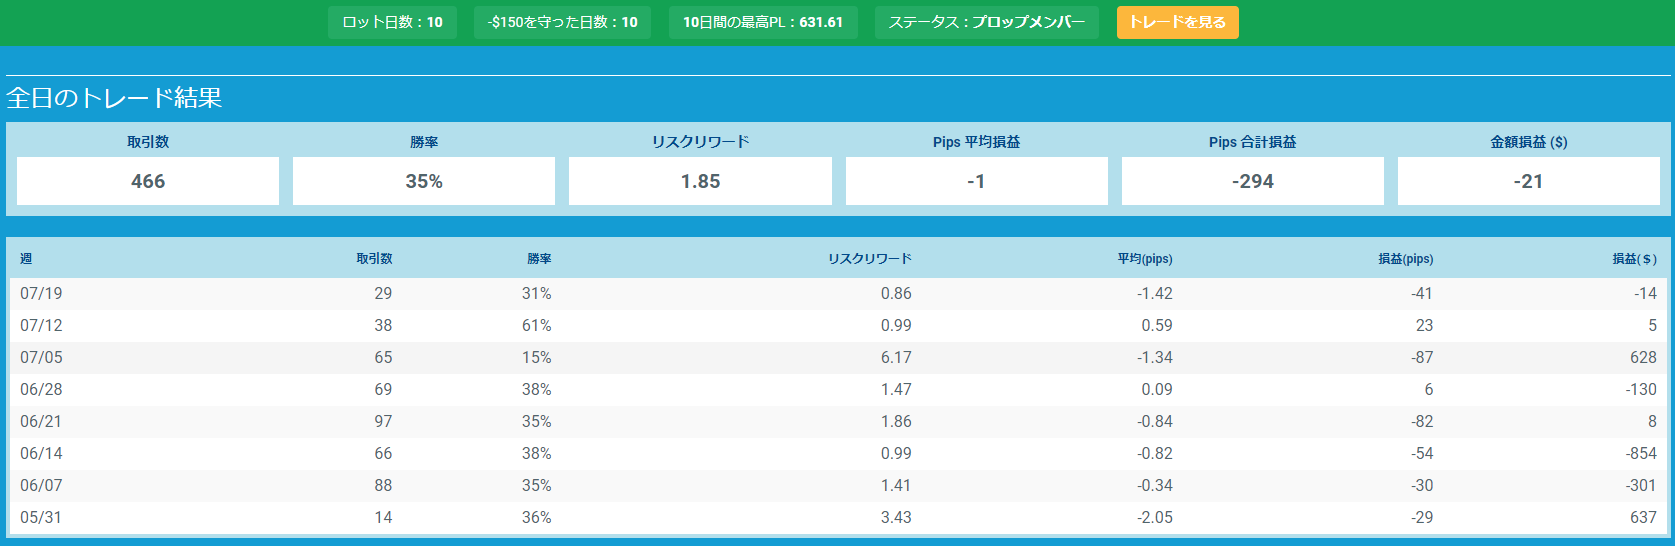 プロップトレーダーチャートMori3